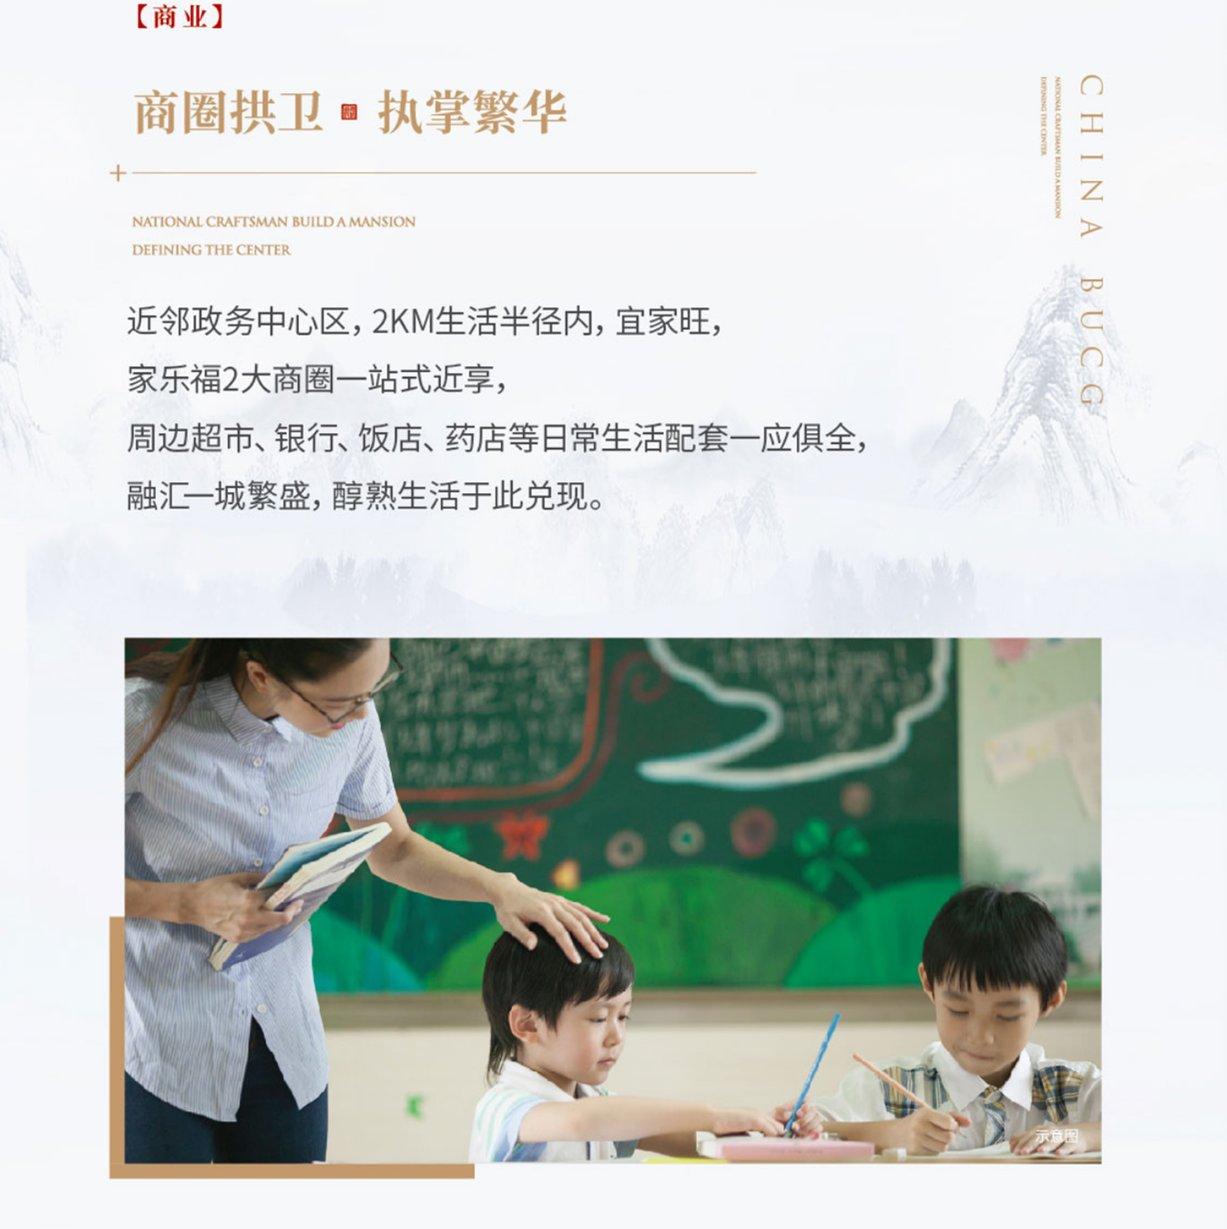 涿州印象城周边的学校